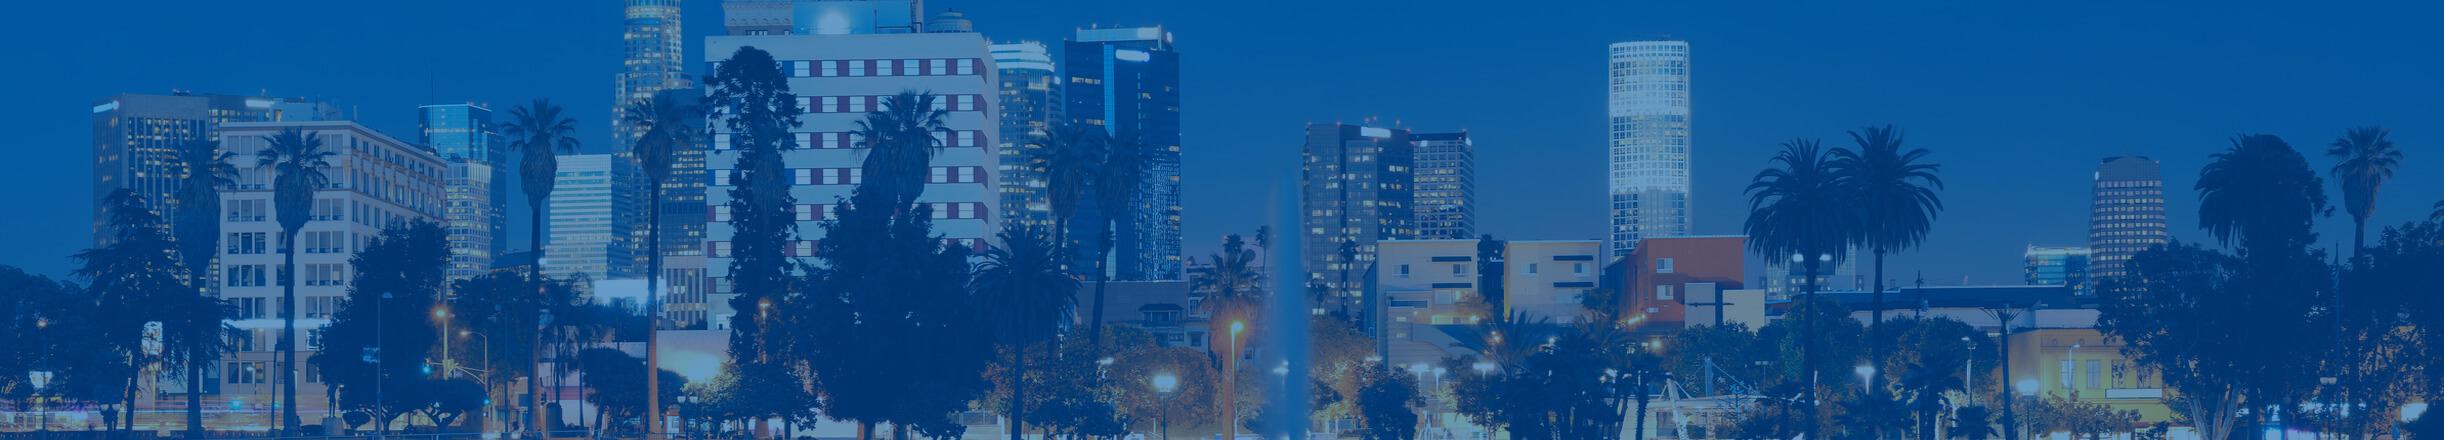 Los Angeles Colocation